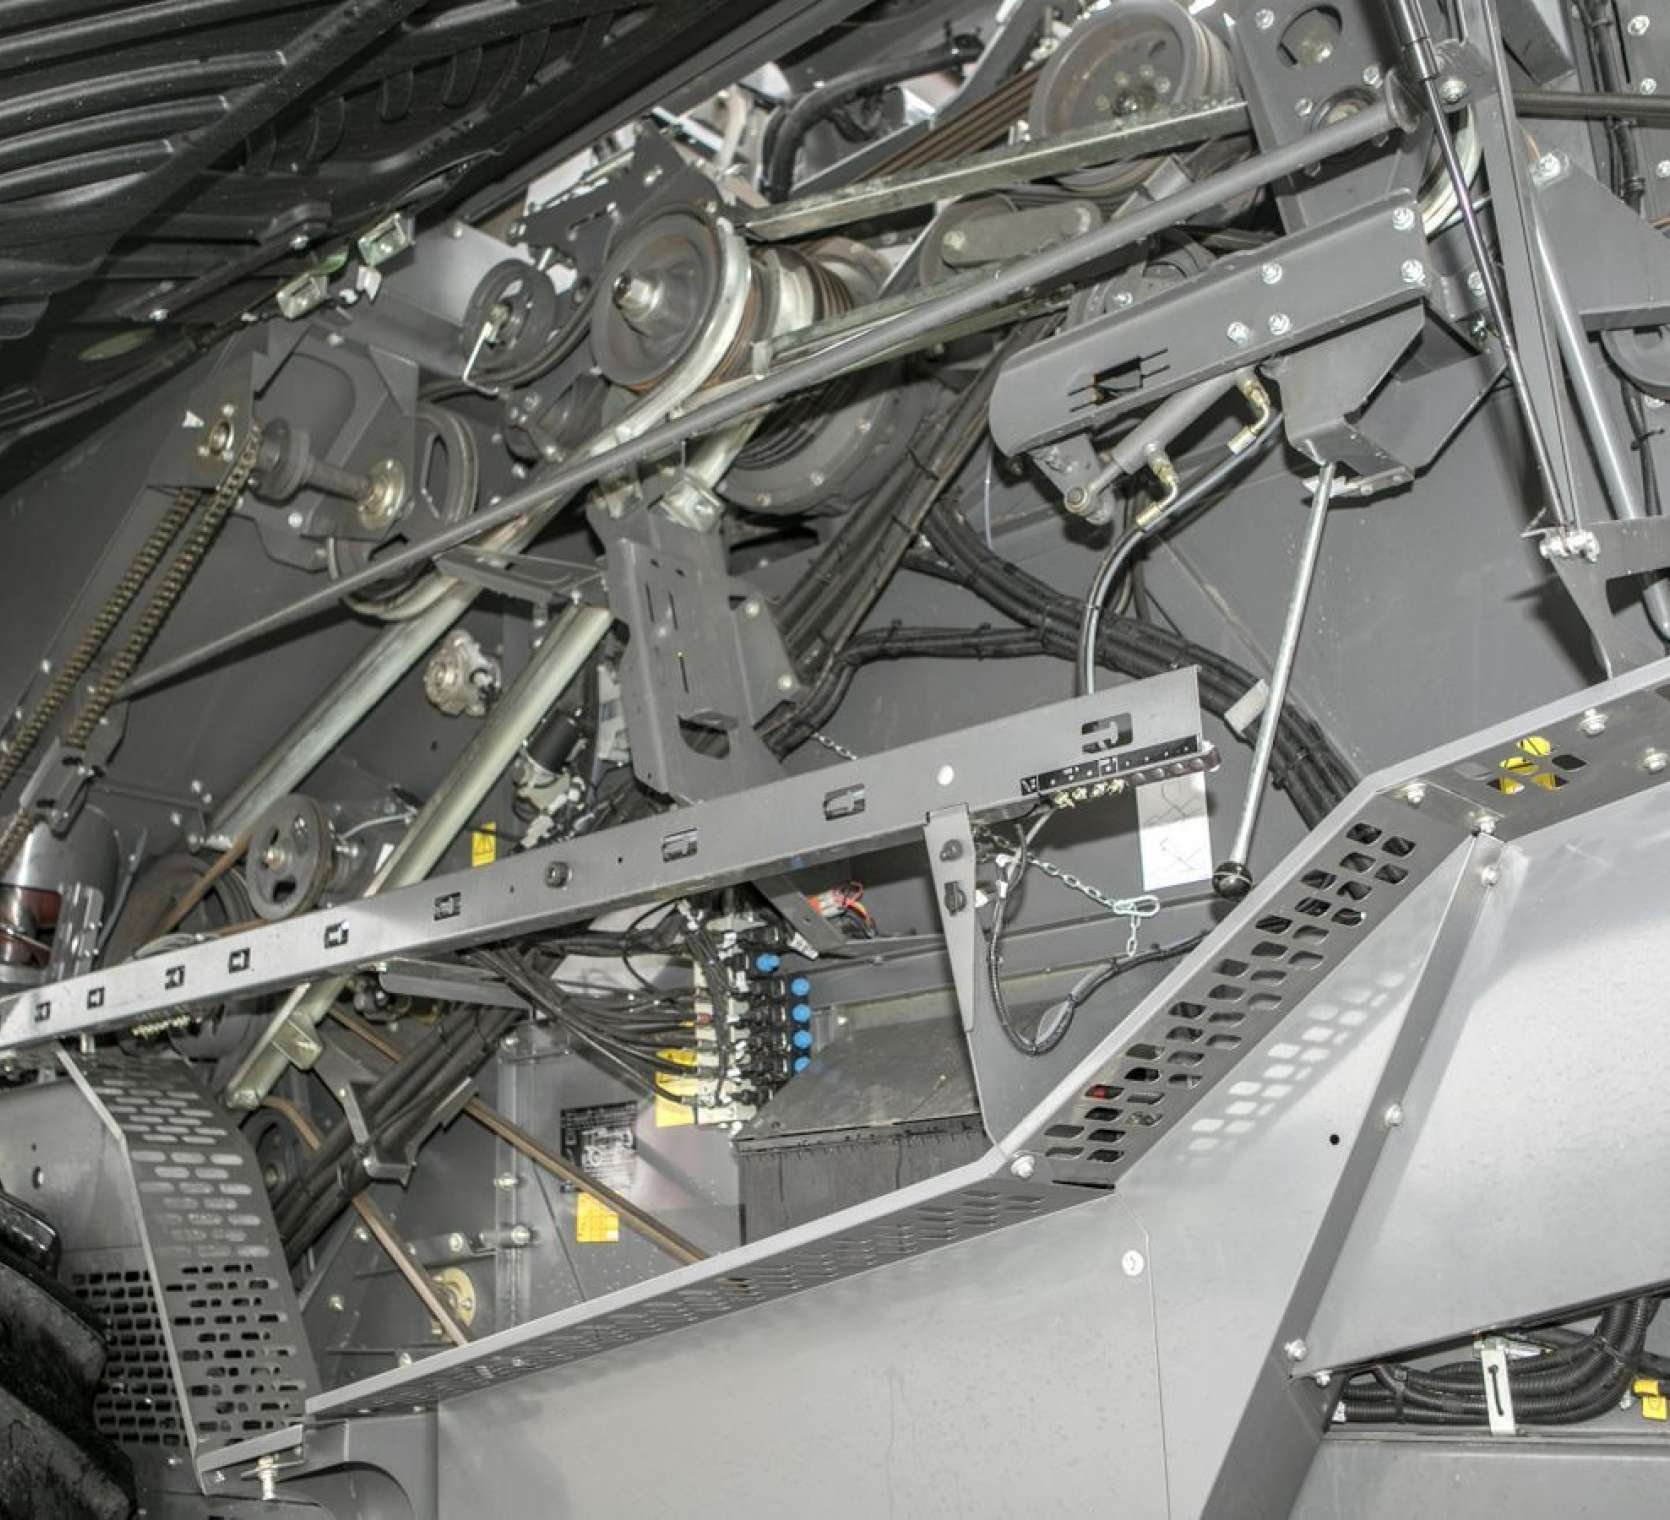 Kombajn zbożowy Fendt 6335 - napędy lańcuchowe i paski klinowe z lewej strony maszyny